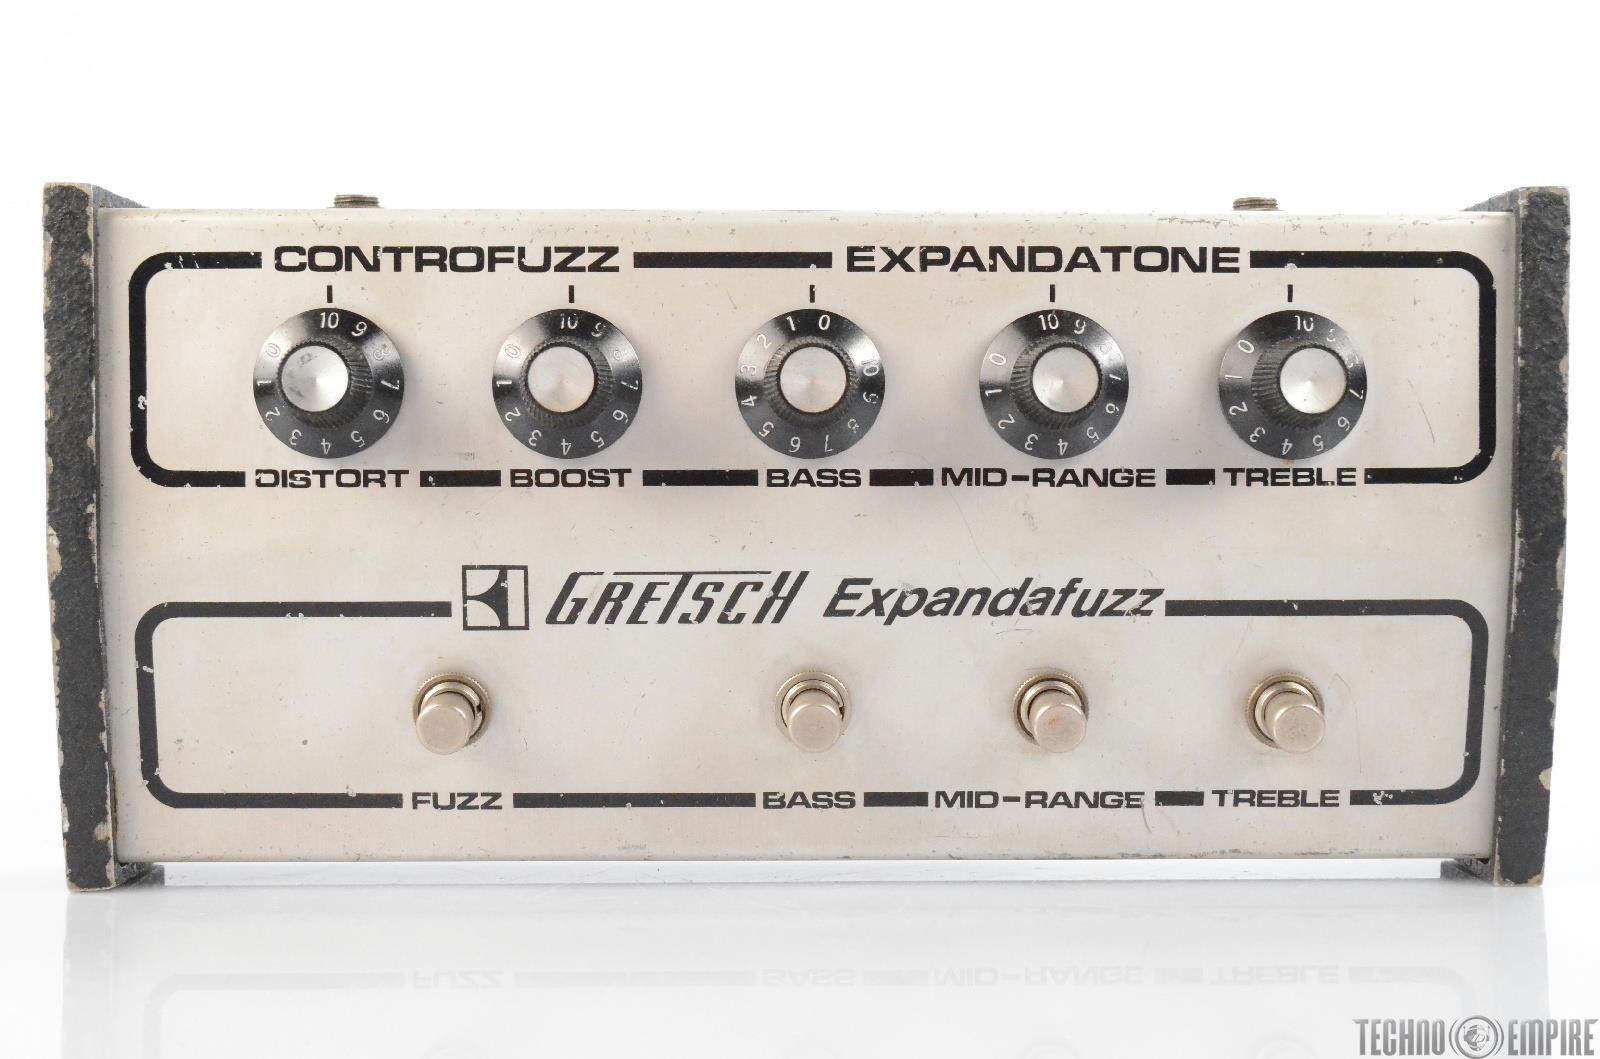 Gretsch 7797 Expandafuzz Guitar Pedal Owned by Matt Hyde #30184